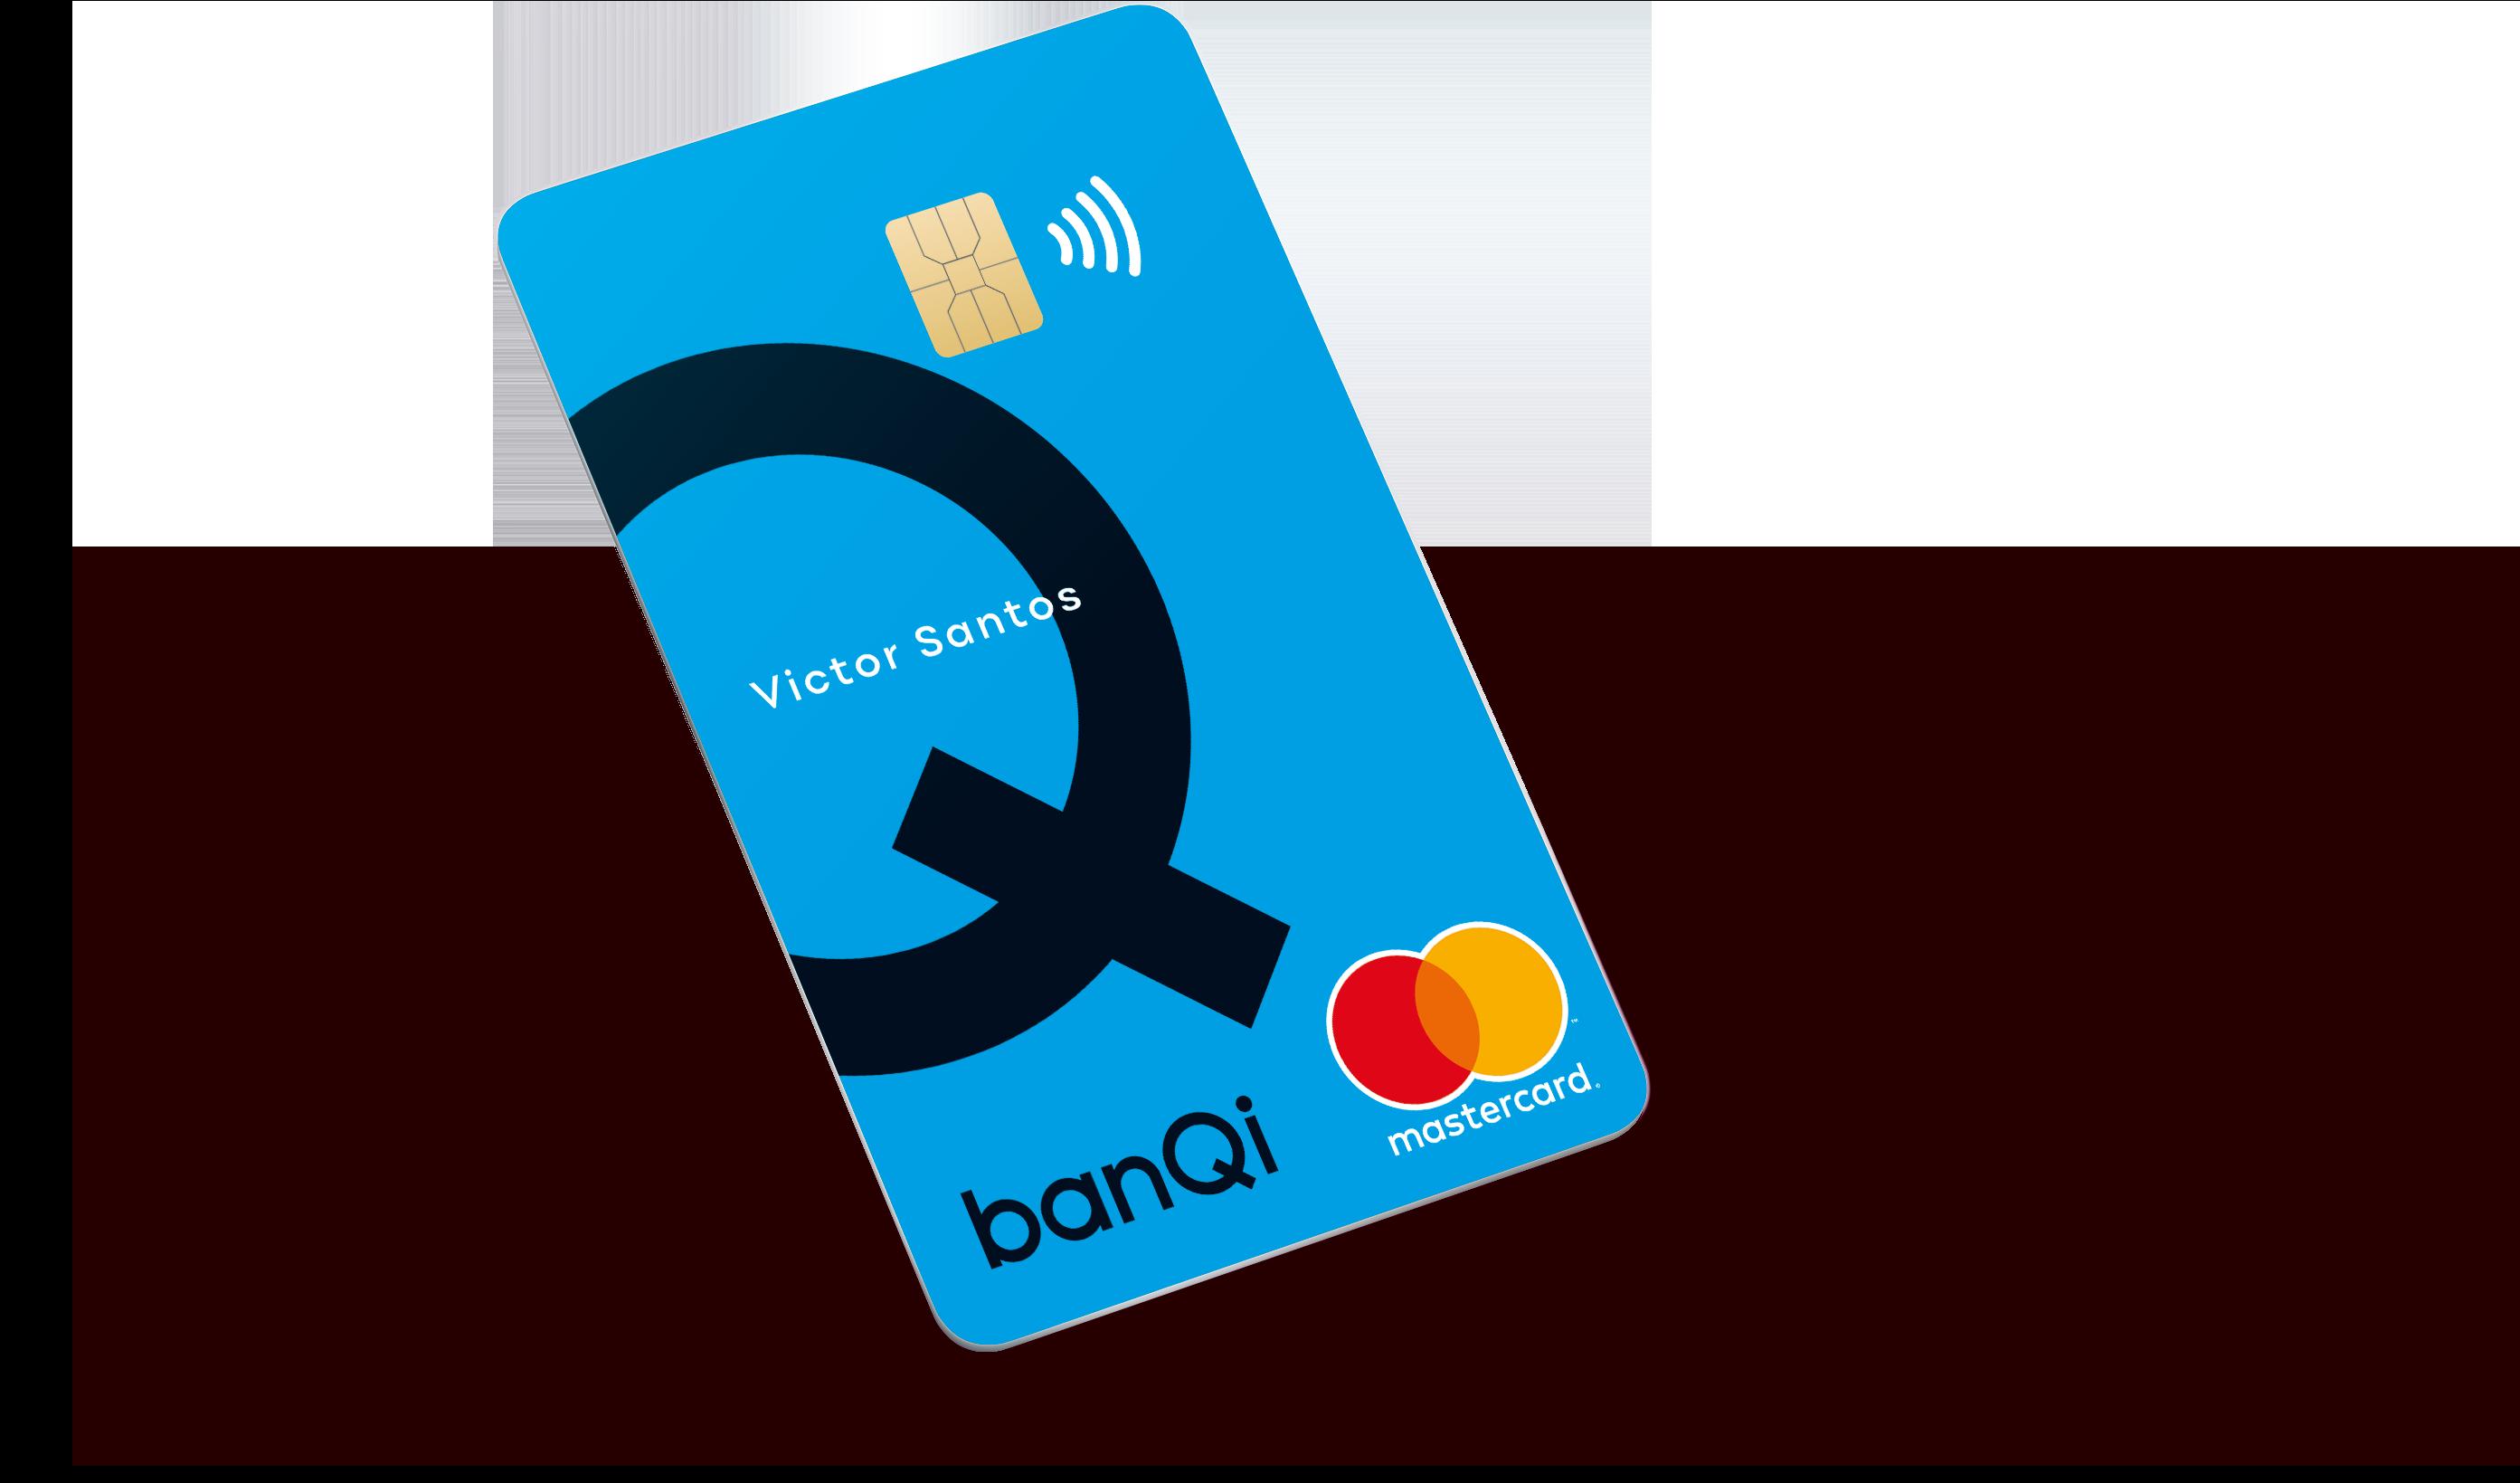 como funciona o cartão virtual?